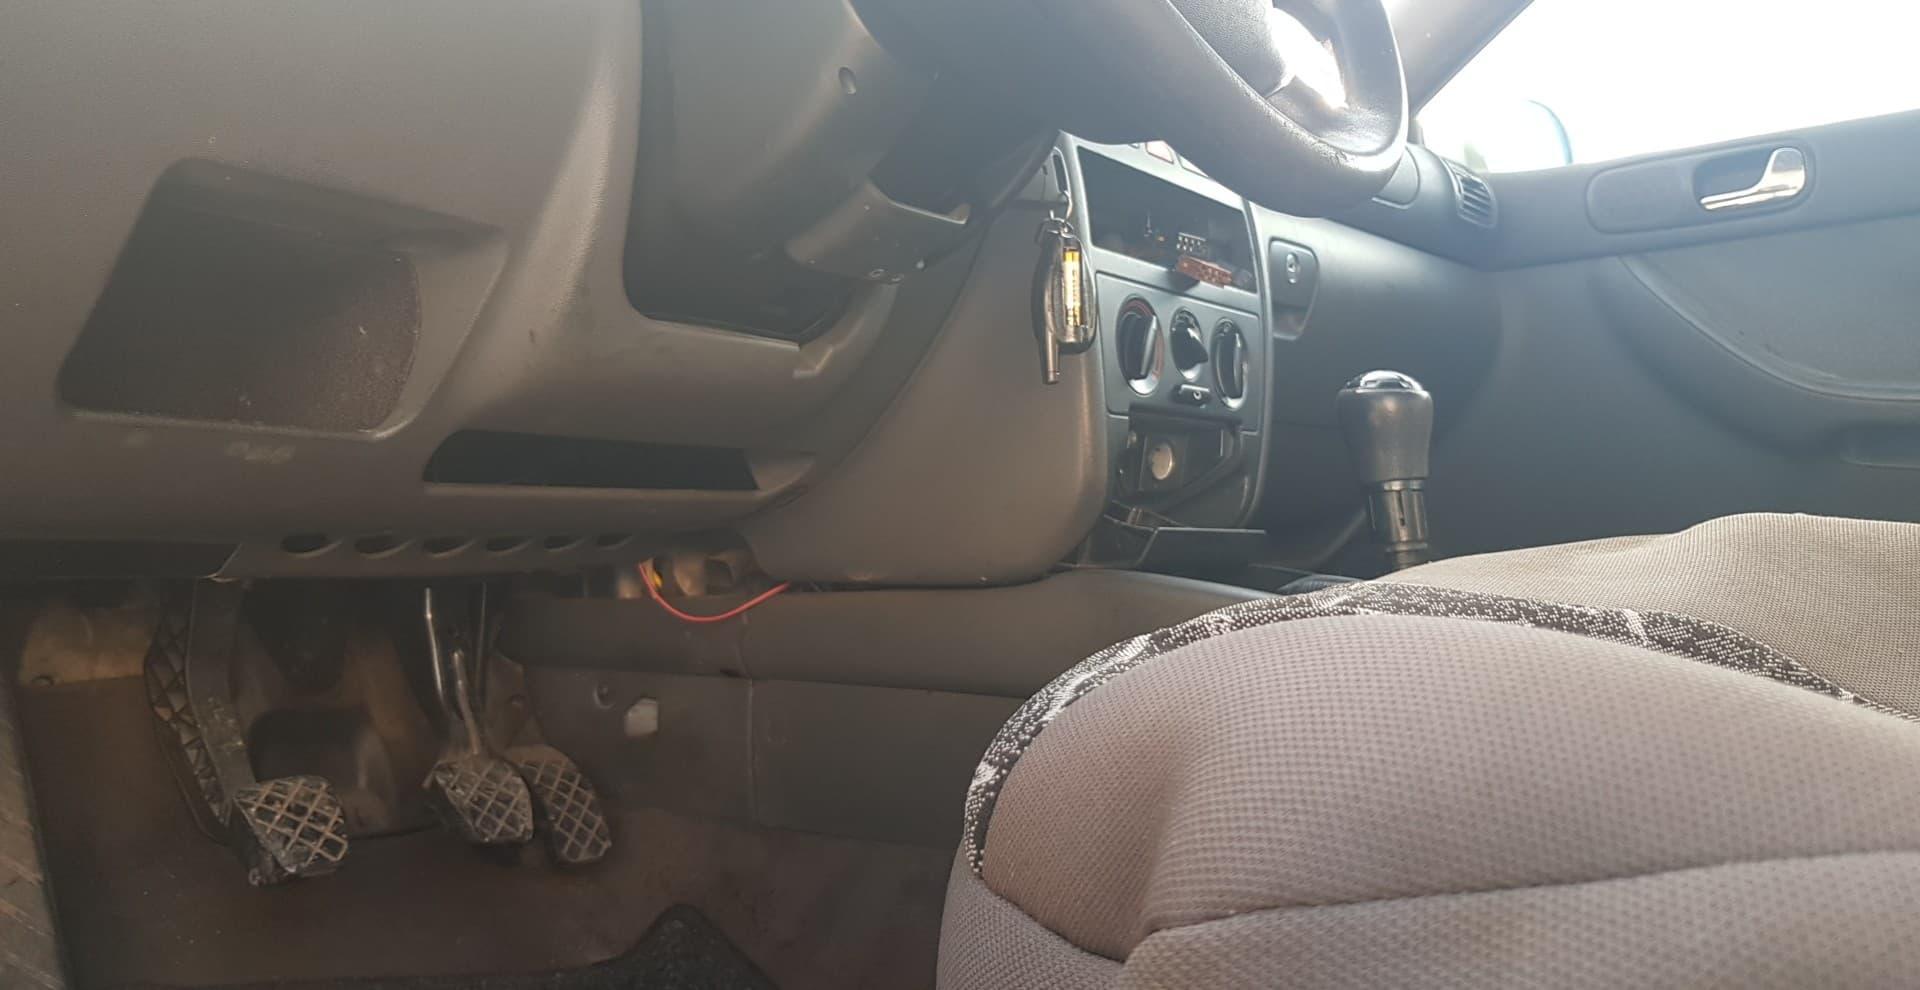 Подержанные Автозапчасти Audi A3 1997 1.9 машиностроение хэтчбэк 2/3 d. серебро 2020-7-17